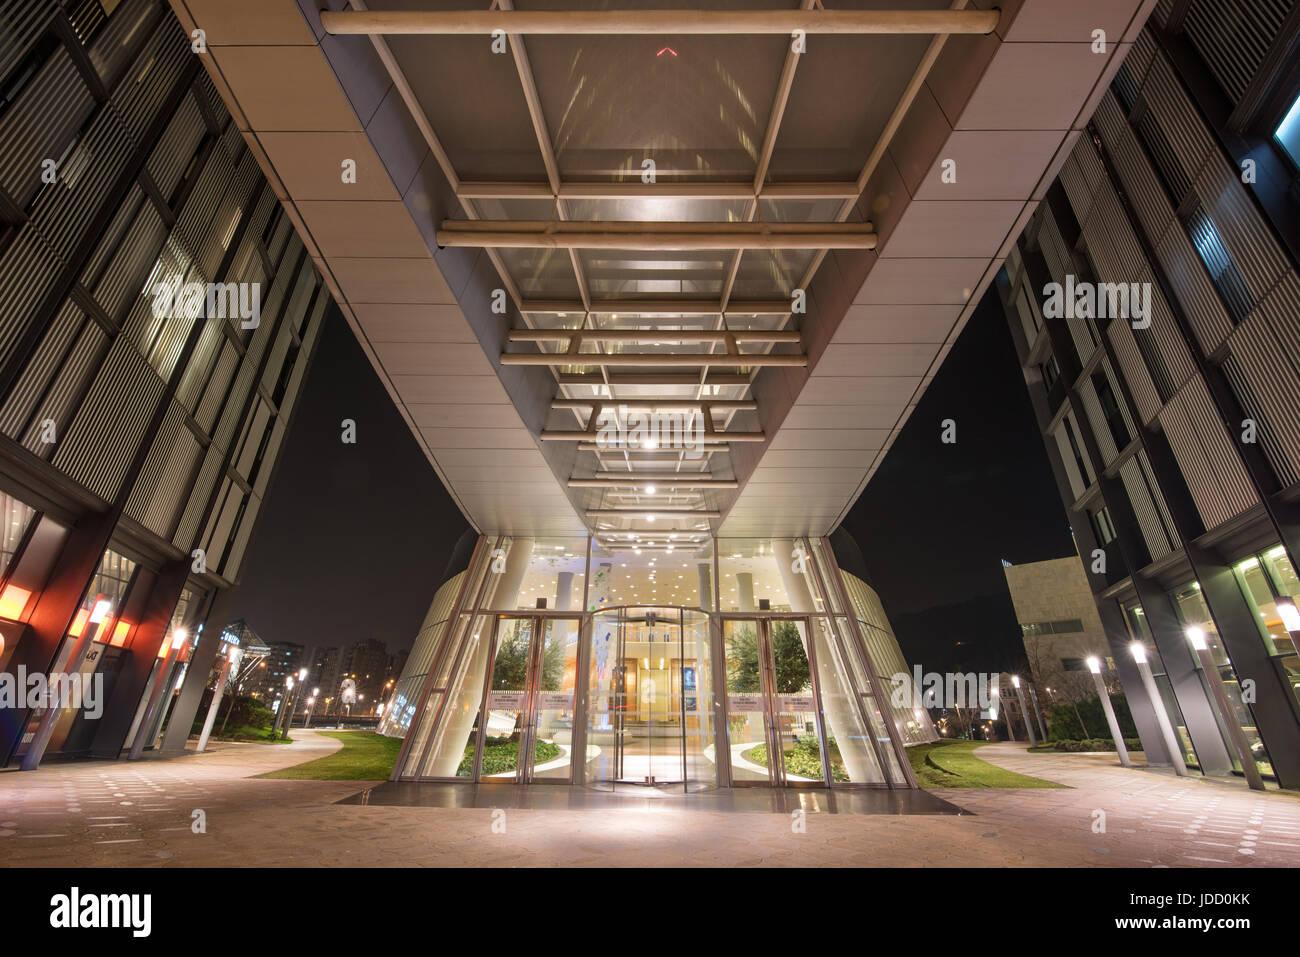 Ufficio Di Entrata : Bilbao spagna gennaio scena notturna di entrata di